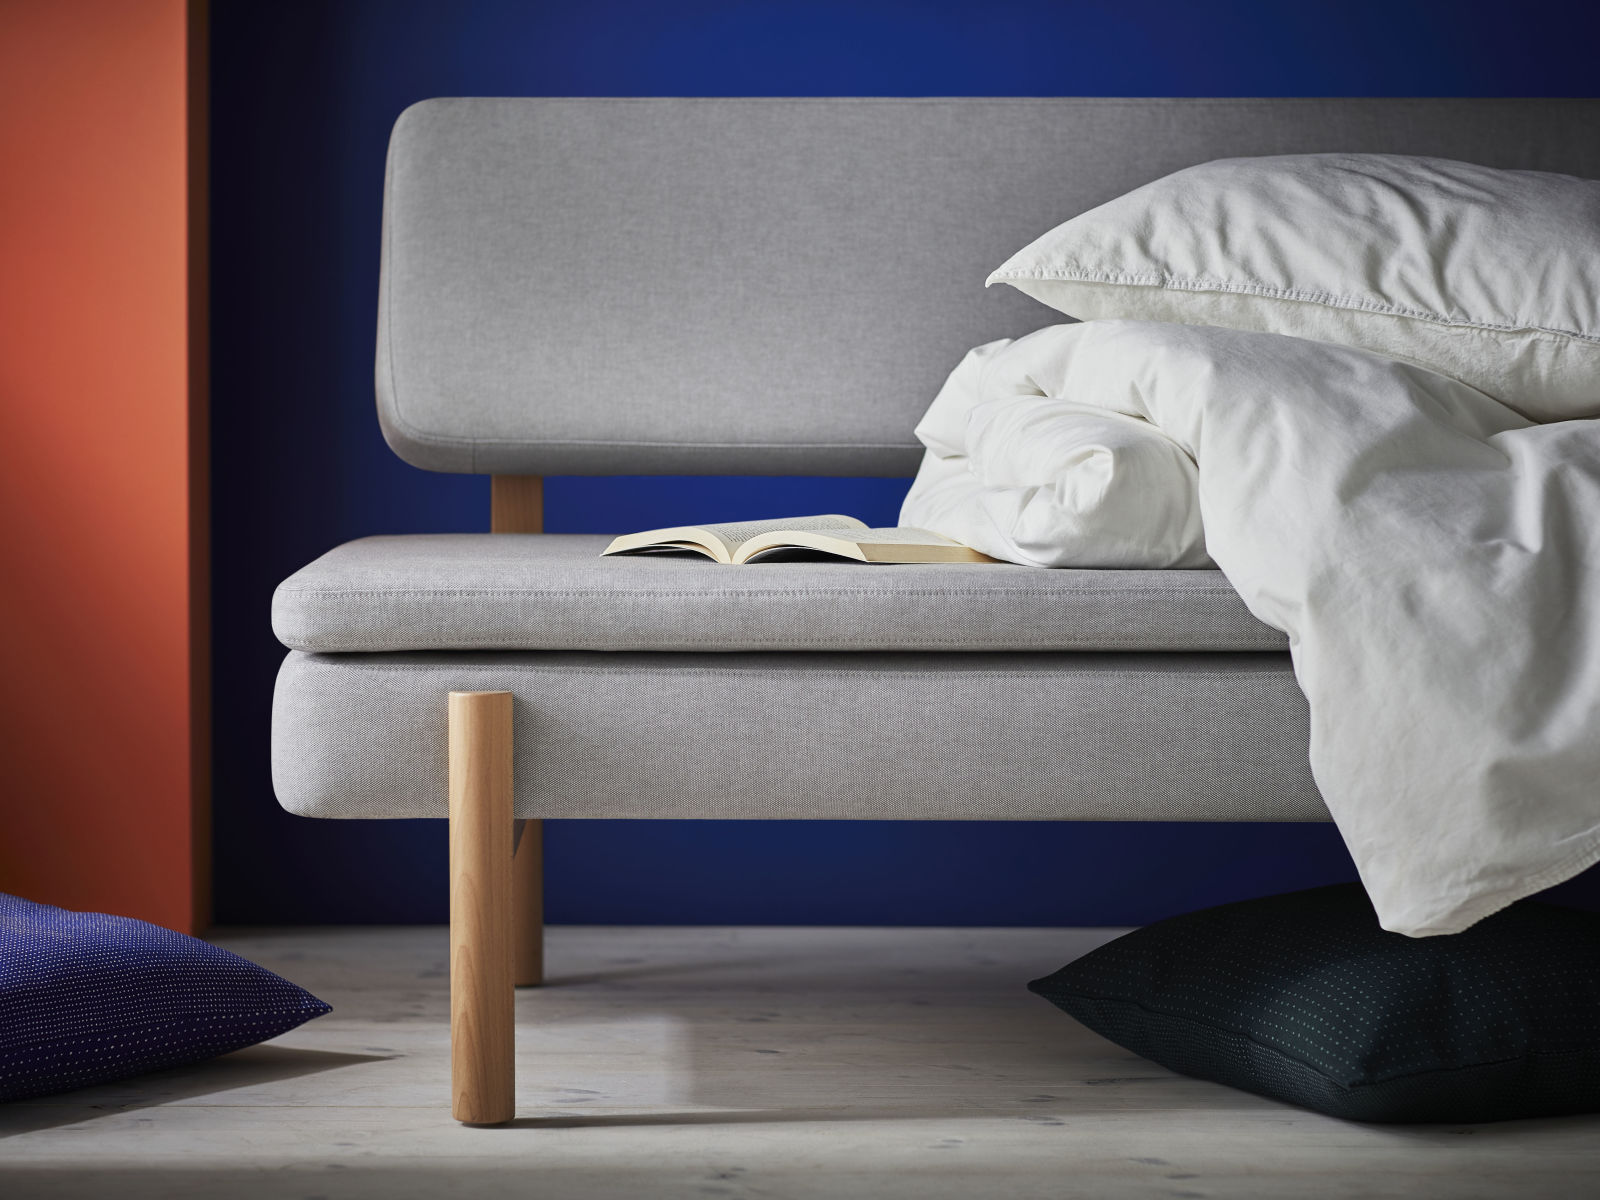 Ikea Metalen Slaapbank.Ikea X Hay Dit Is De Ypperlig Collectie Sevencouches